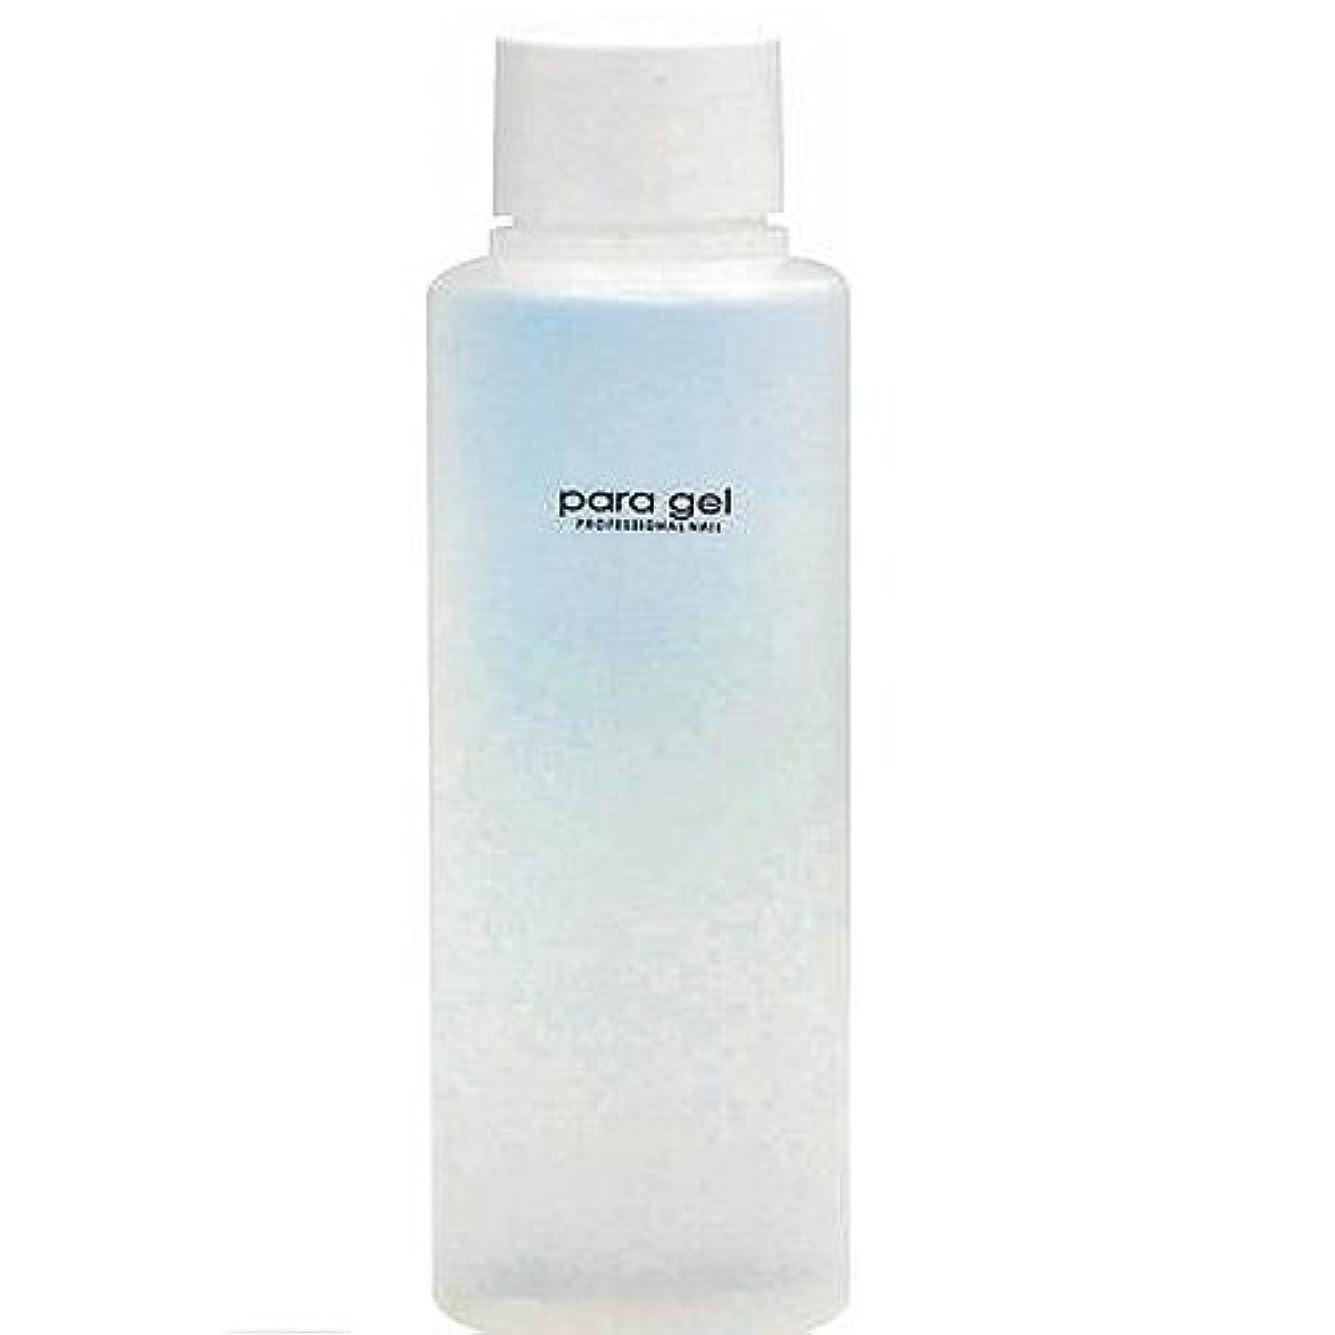 食物ファイバ病的パラジェル(para gel) パラクリーナー 120ml